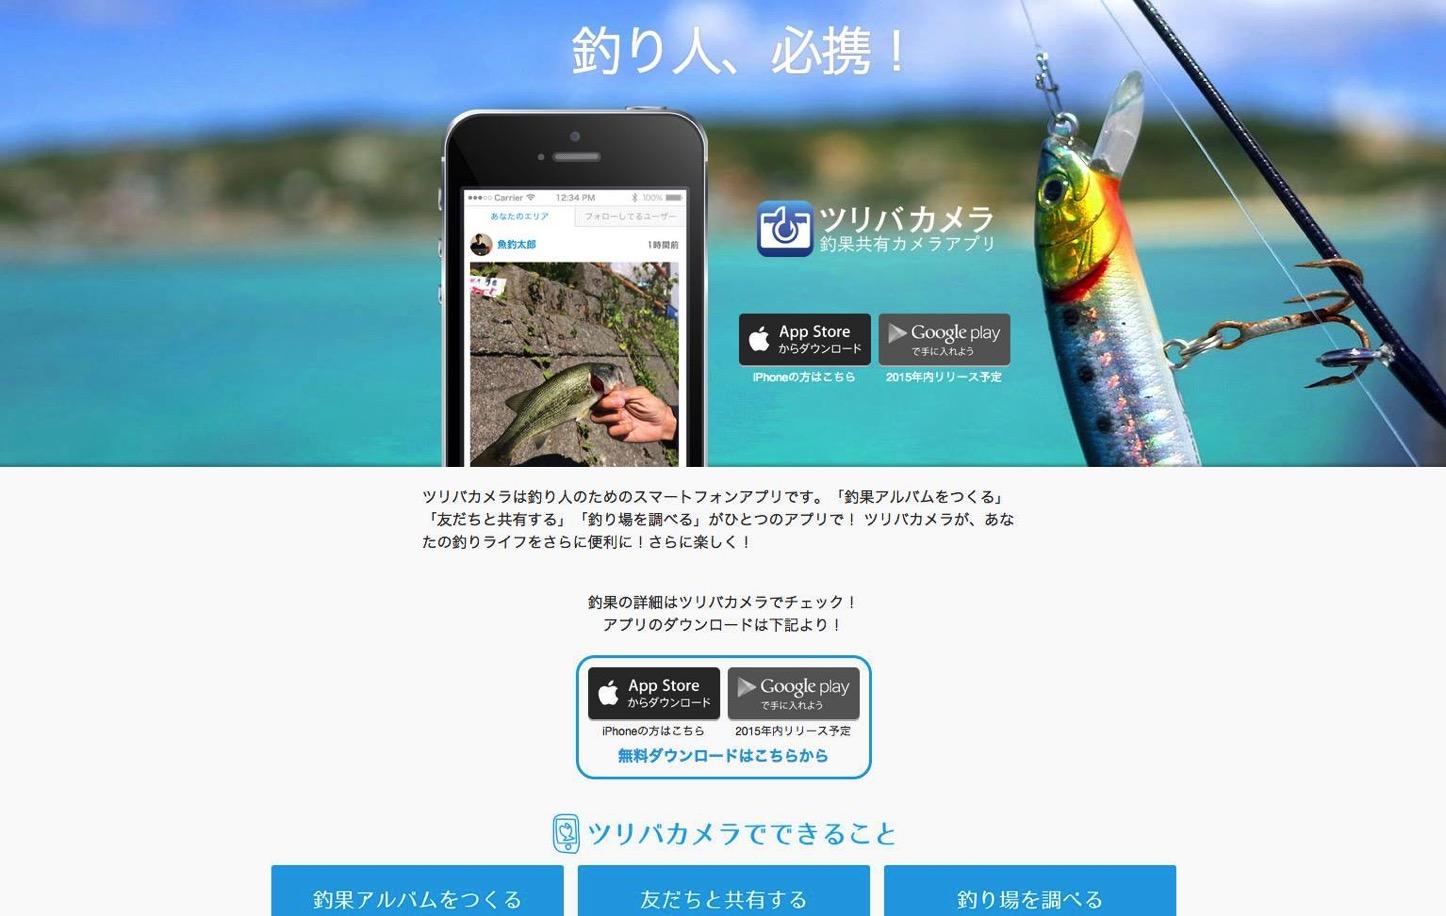 Tsuriba-Camera